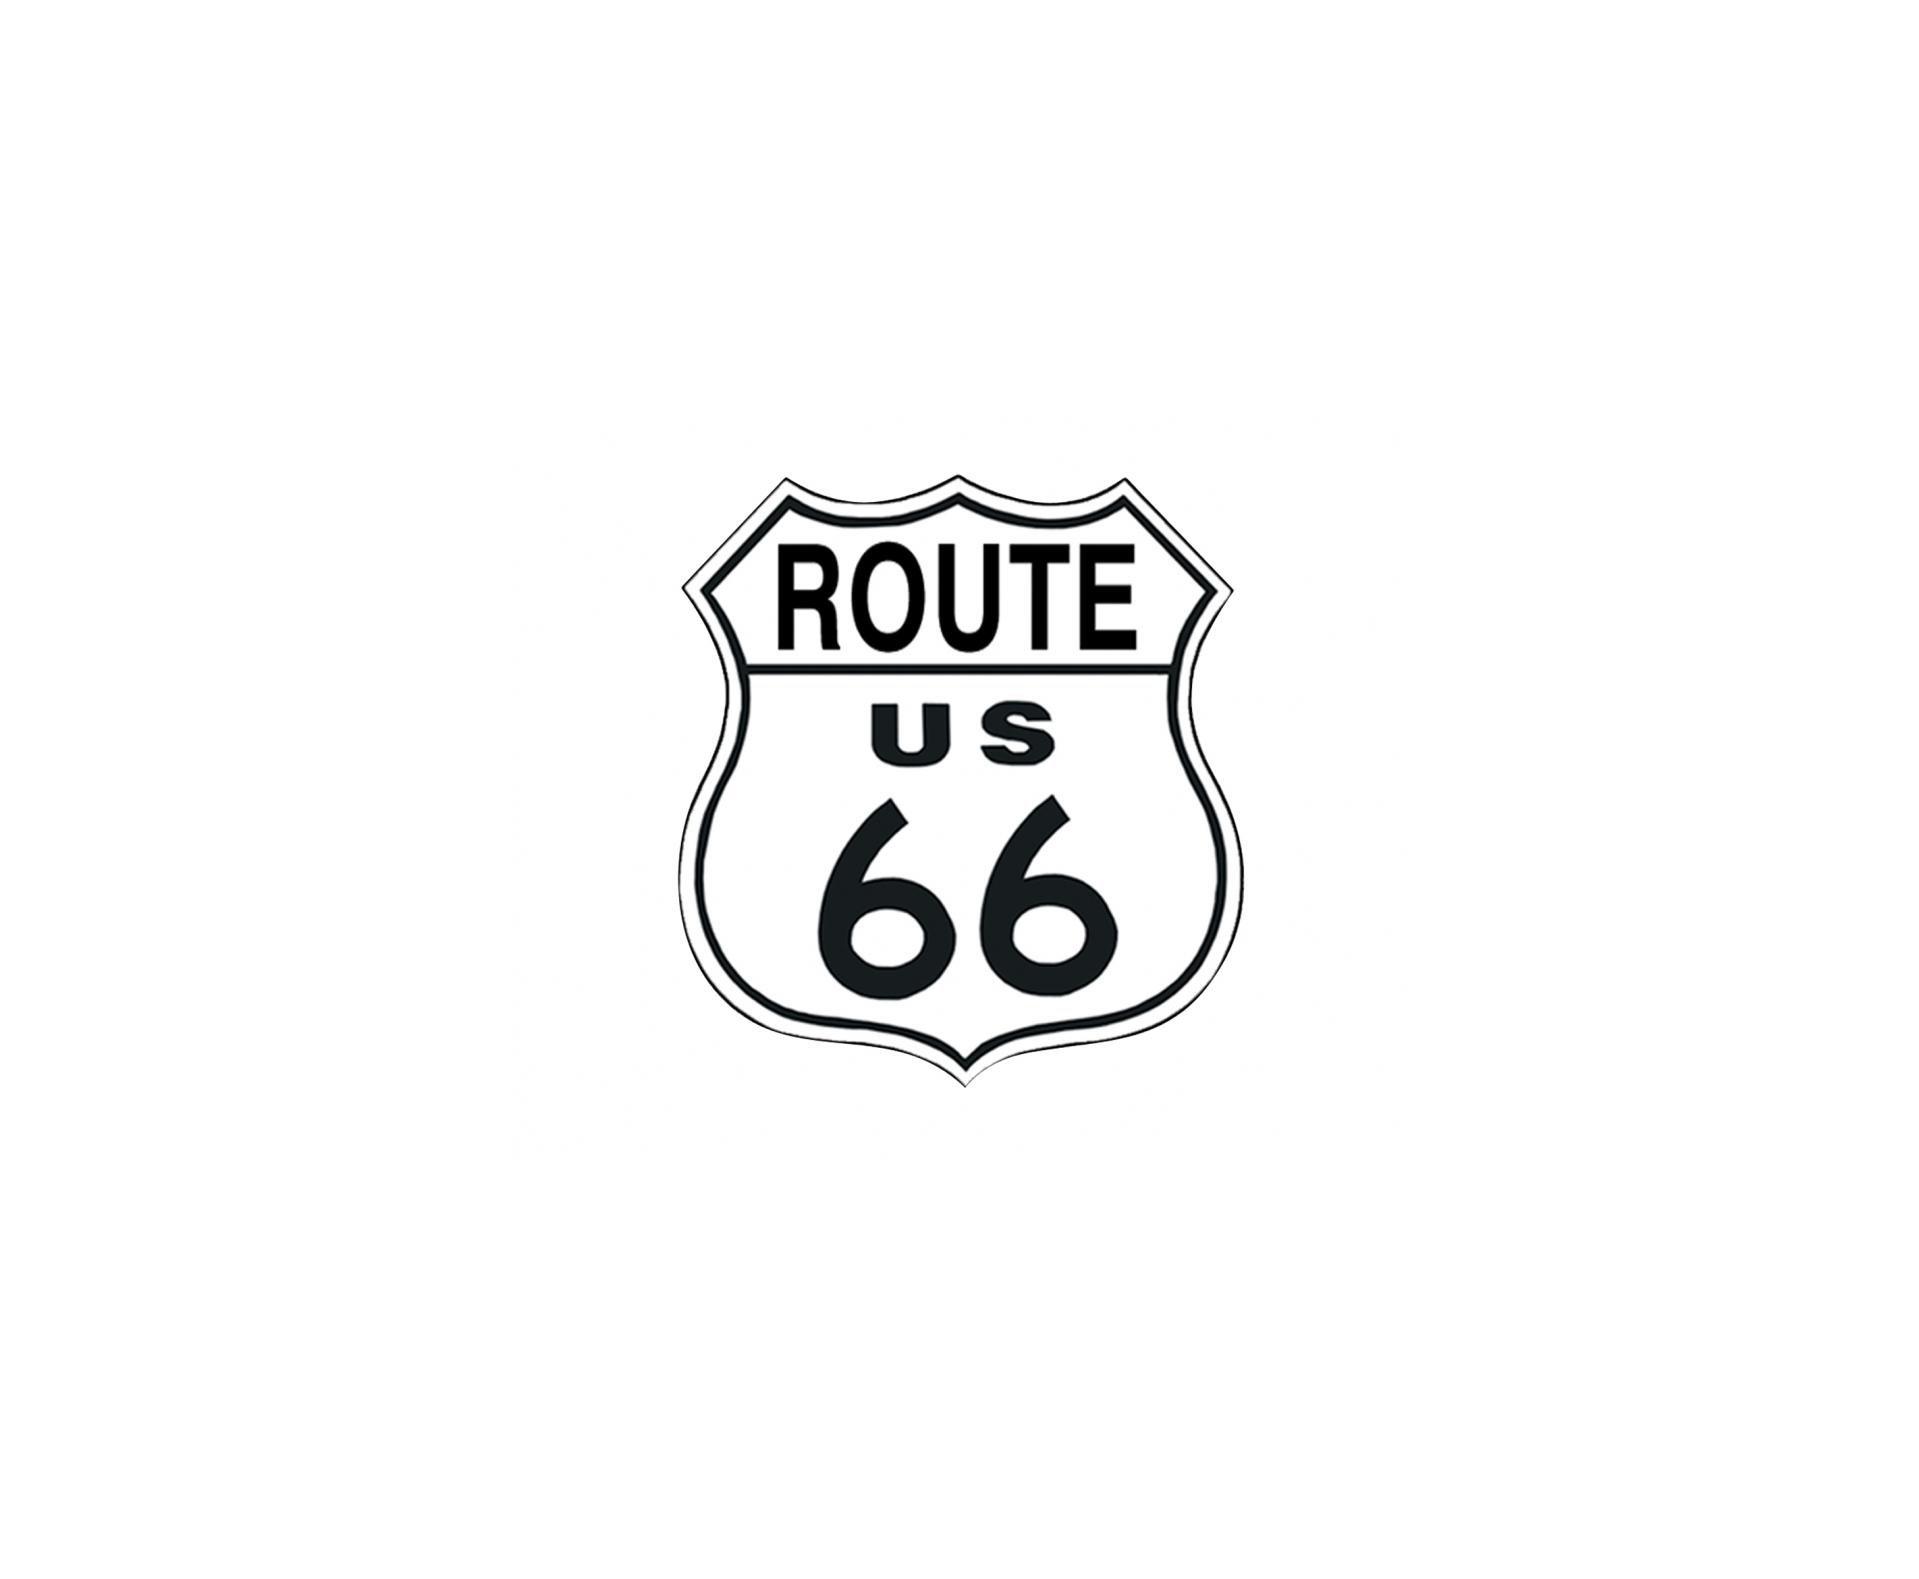 Placa Metálica Decorativa Us Route 66 - Rossi